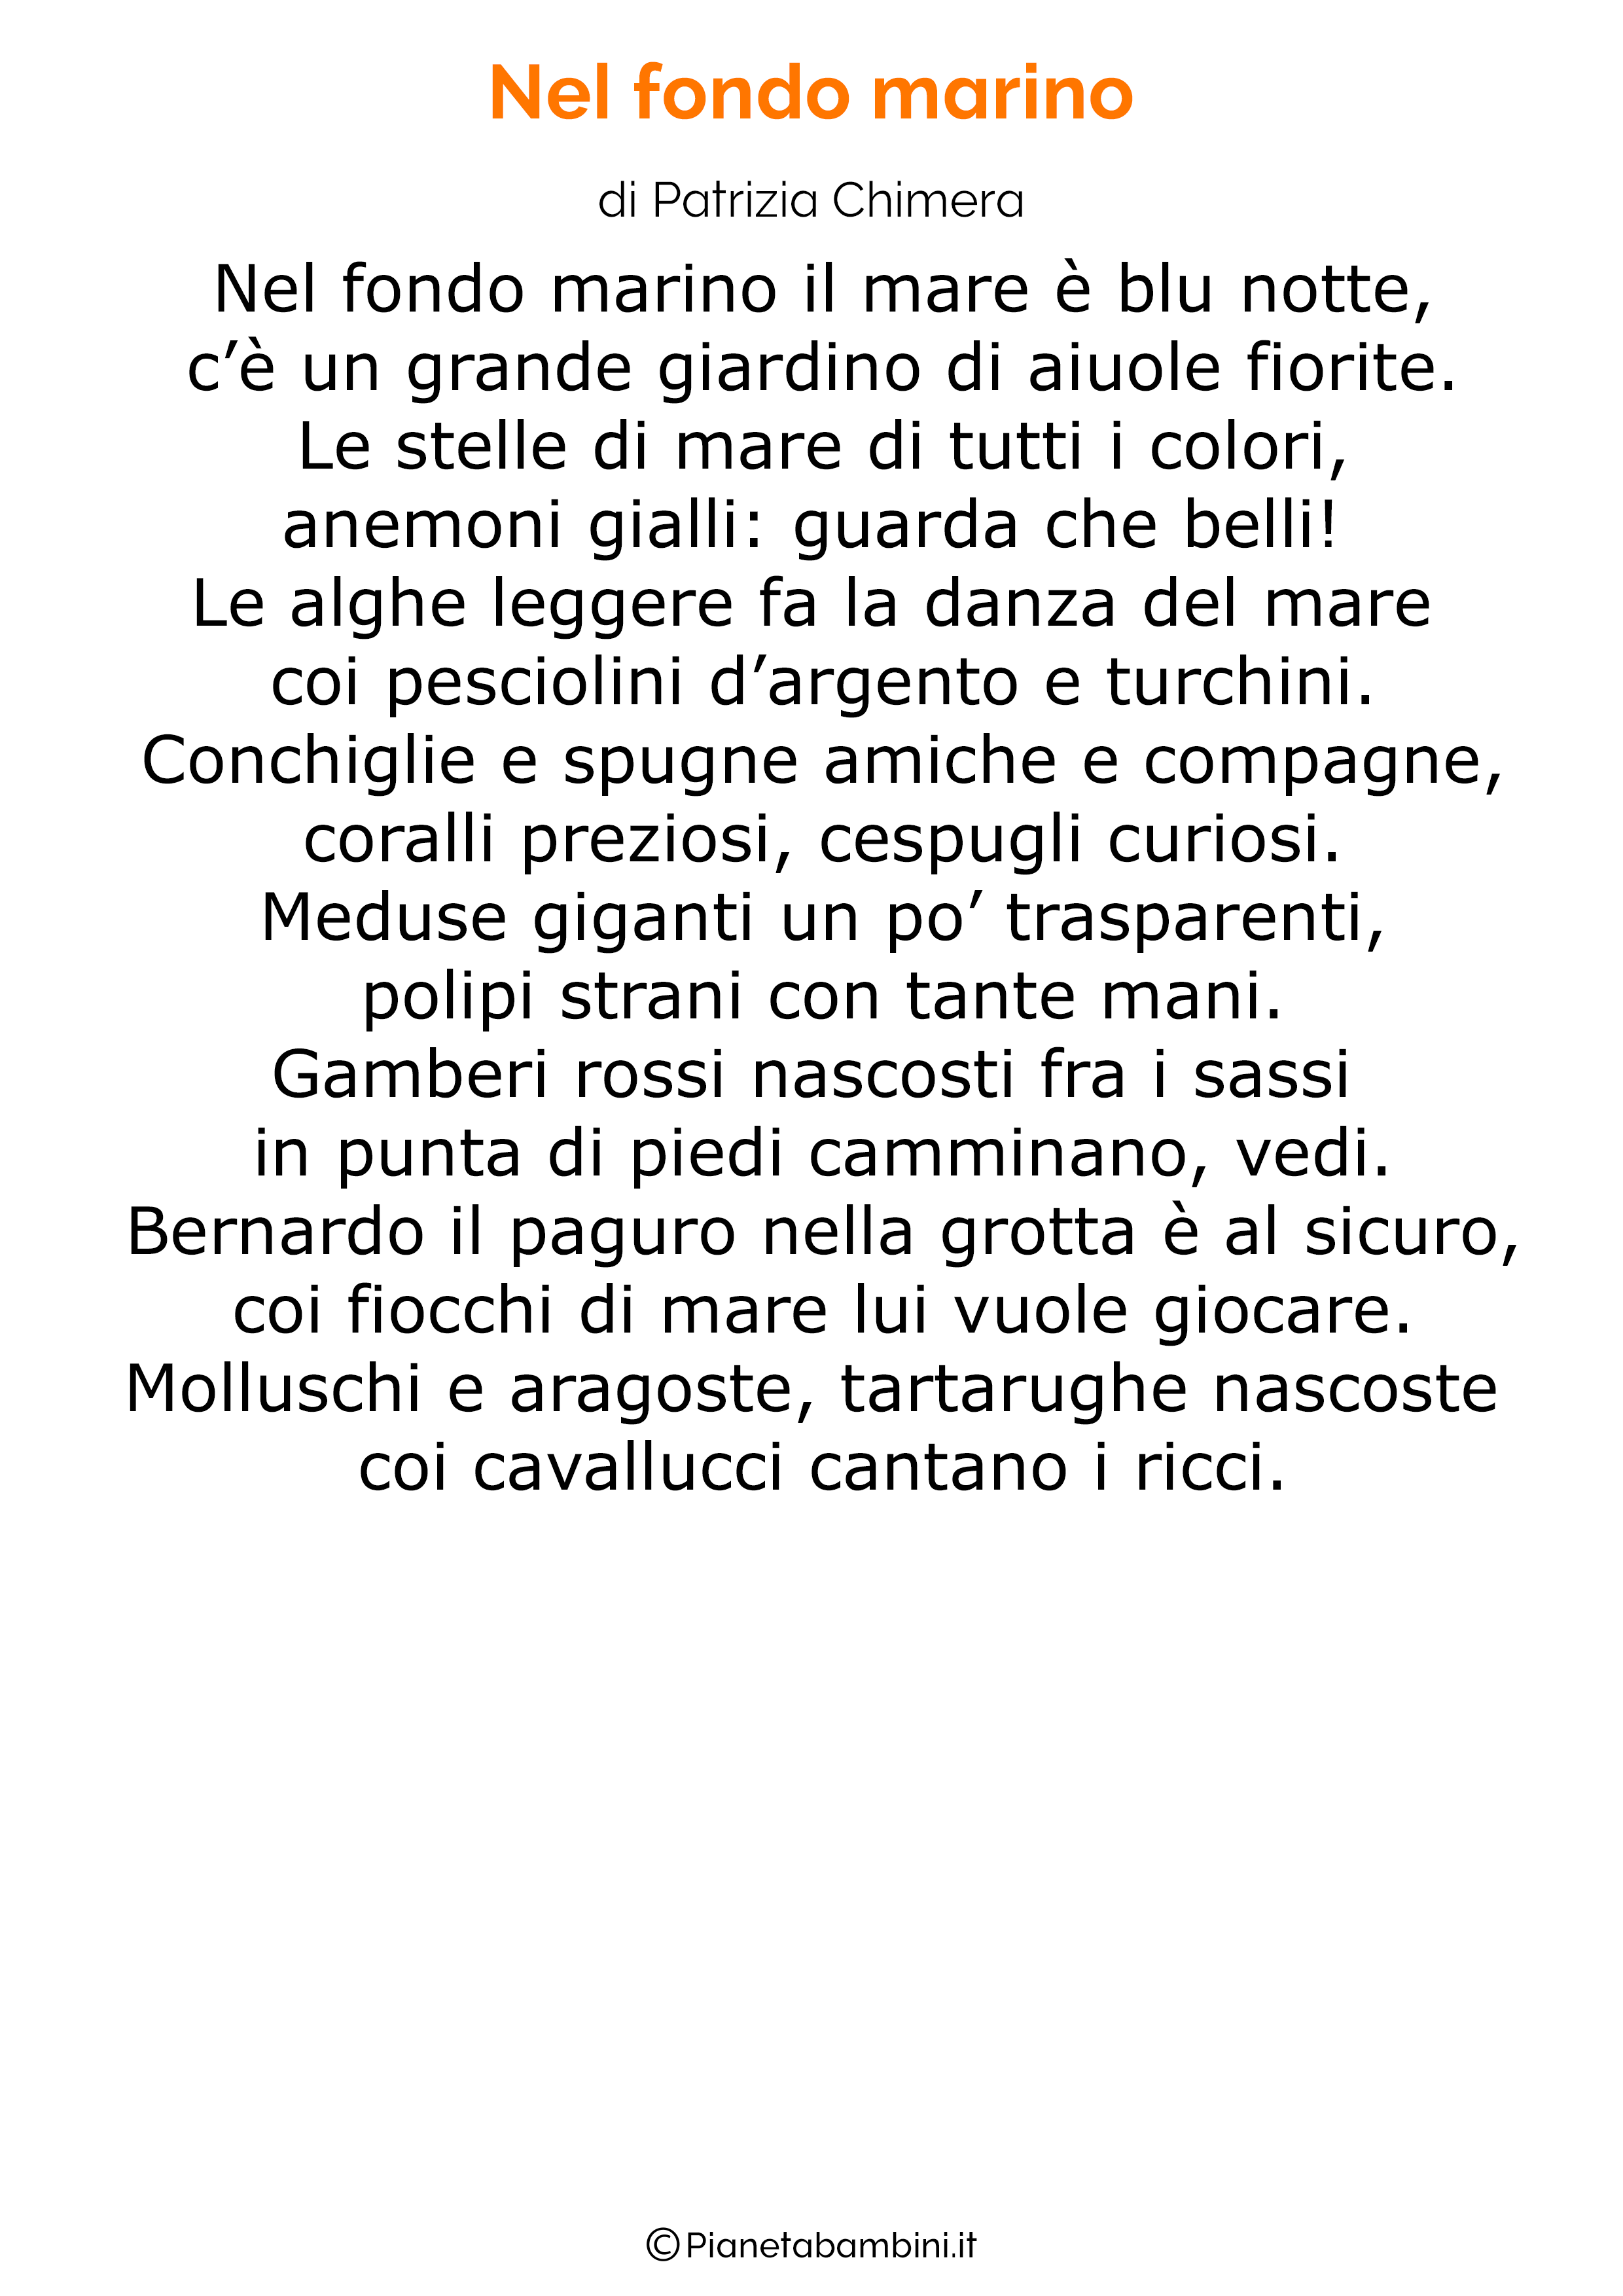 Poesia sul mare per bambini 21